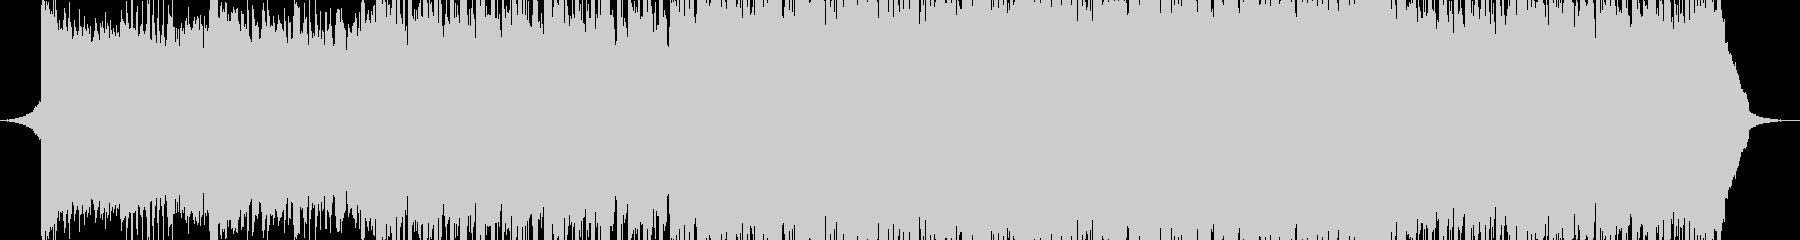 前向き、バトル系BGMの未再生の波形